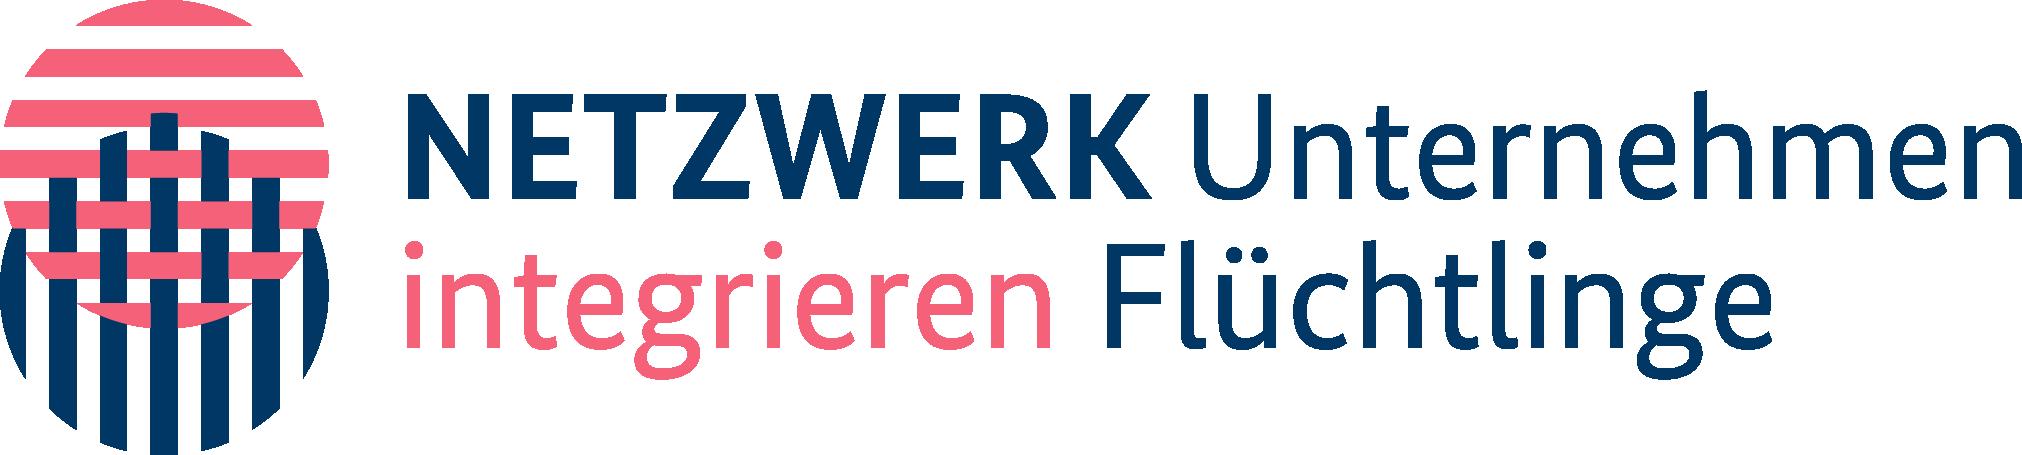 2 500 postes créés pour les réfugiés dans les entreprises allemandes